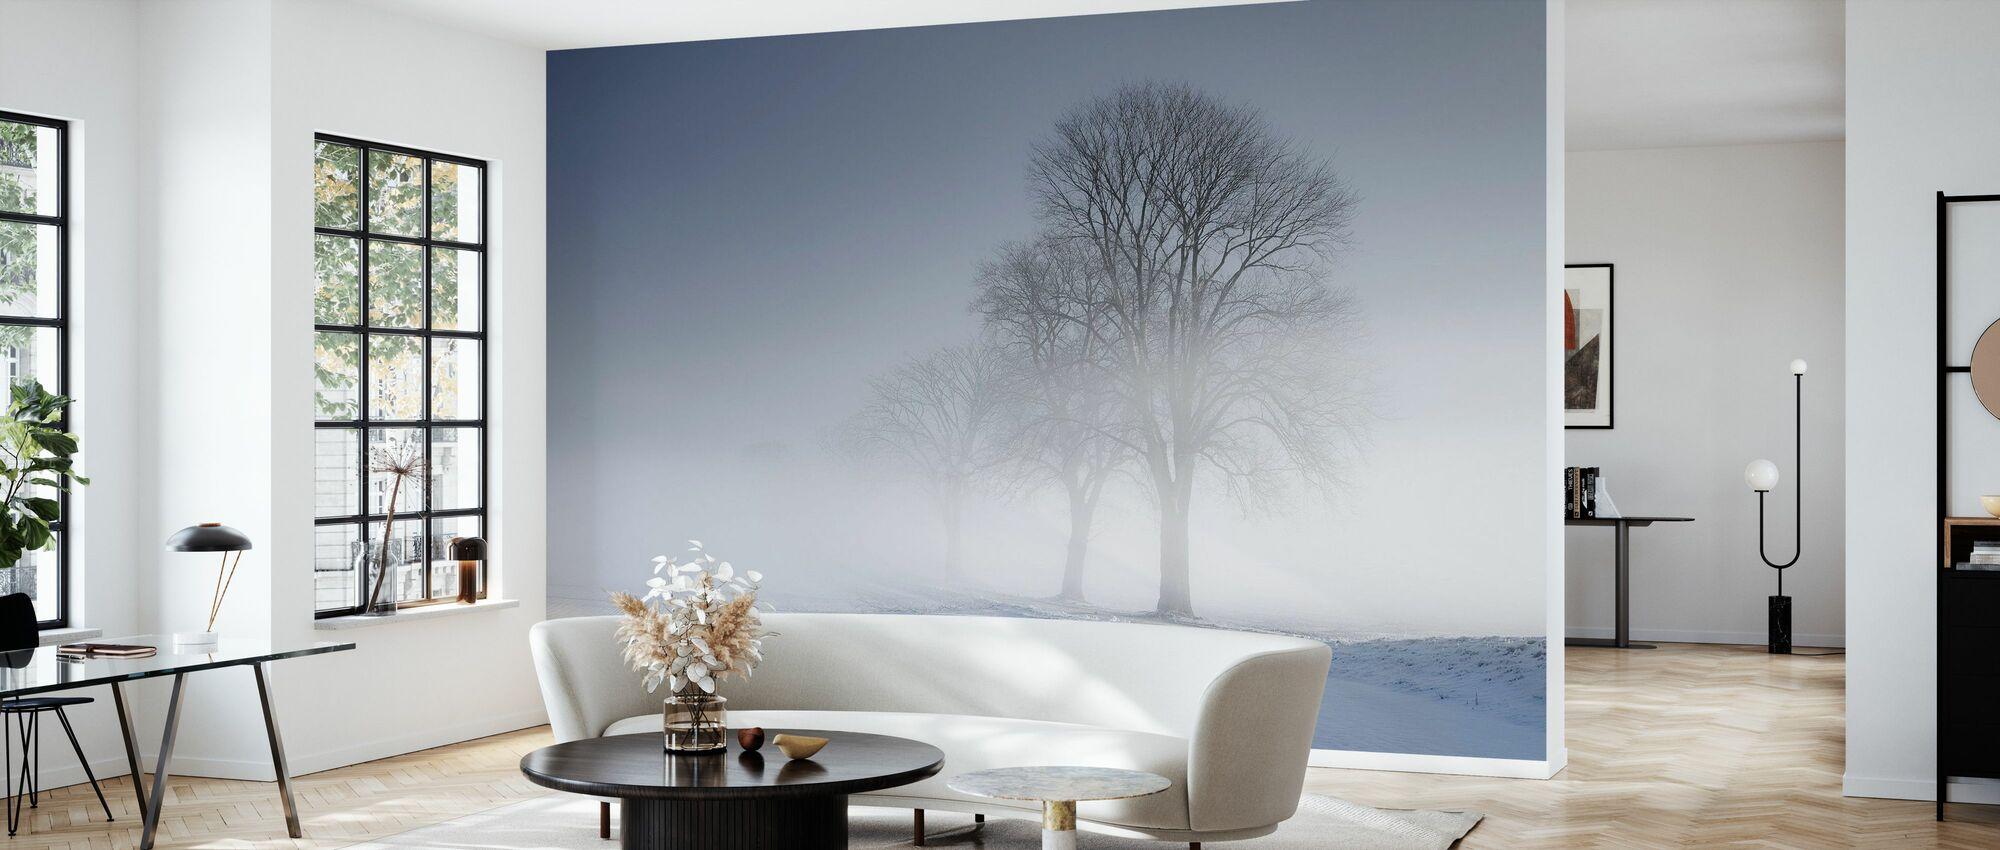 Winter Landscape in Skabersjö, Sweden - Wallpaper - Living Room